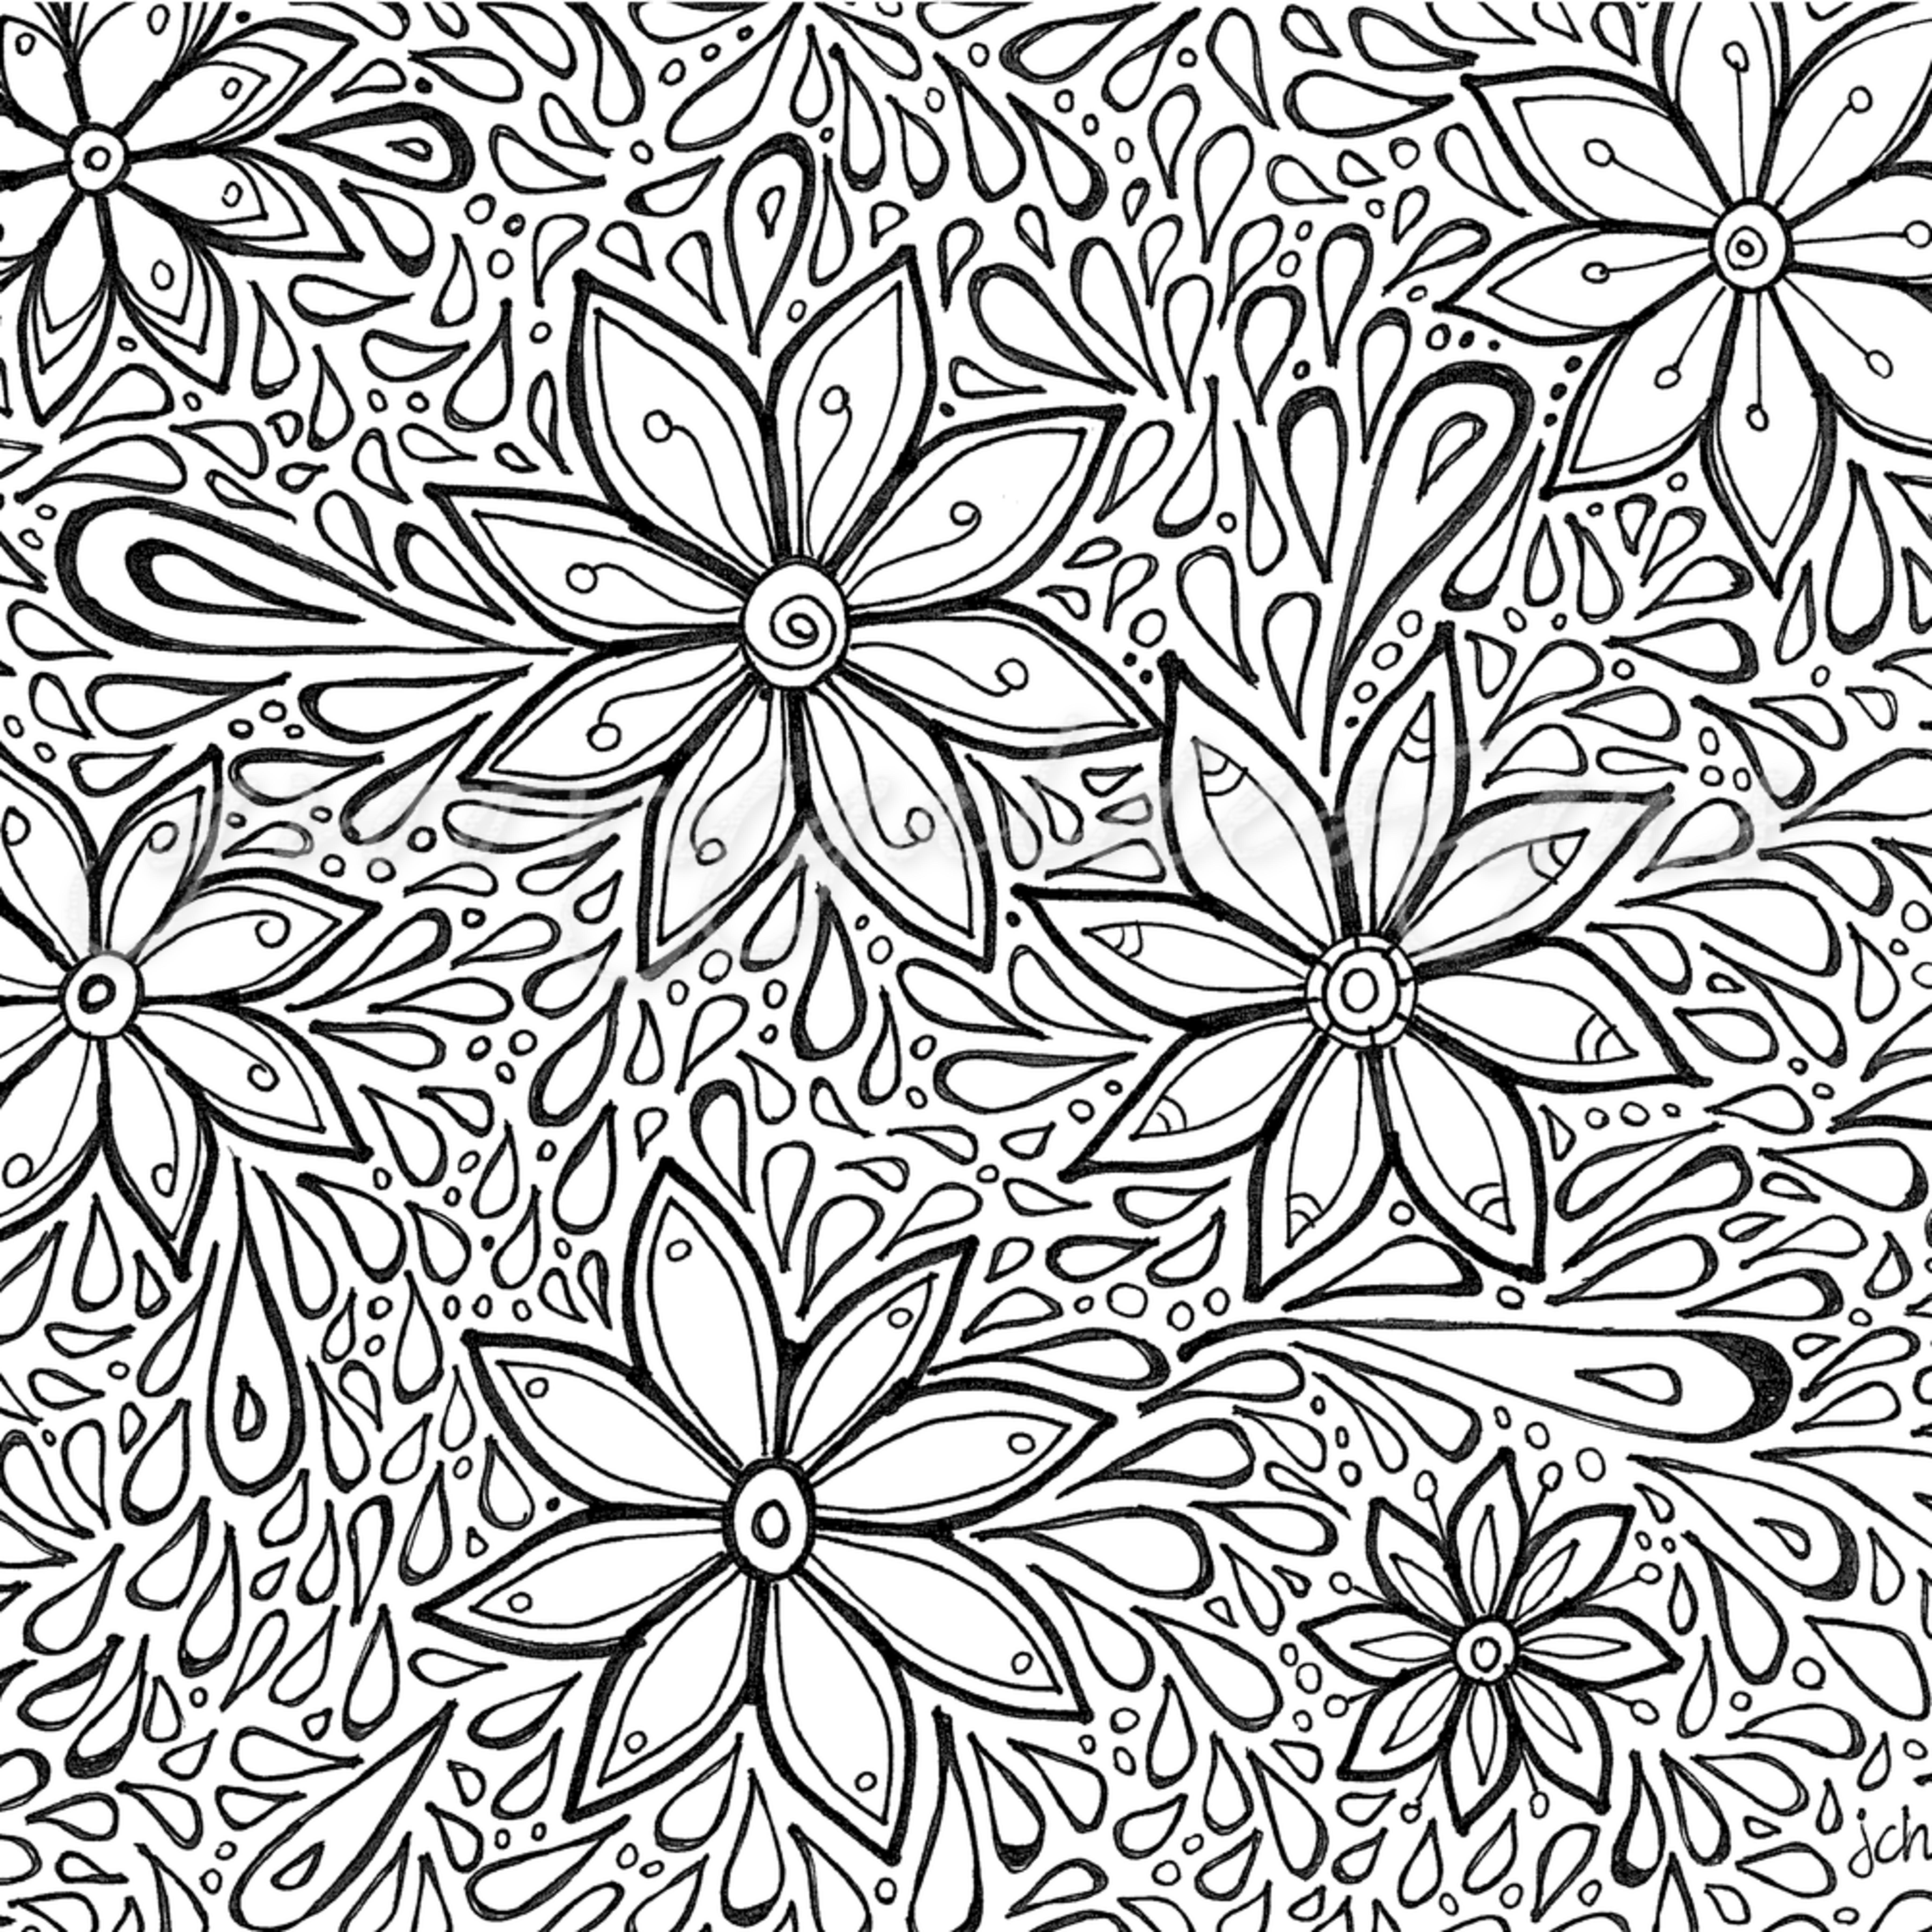 Flower power color it kfx9pp